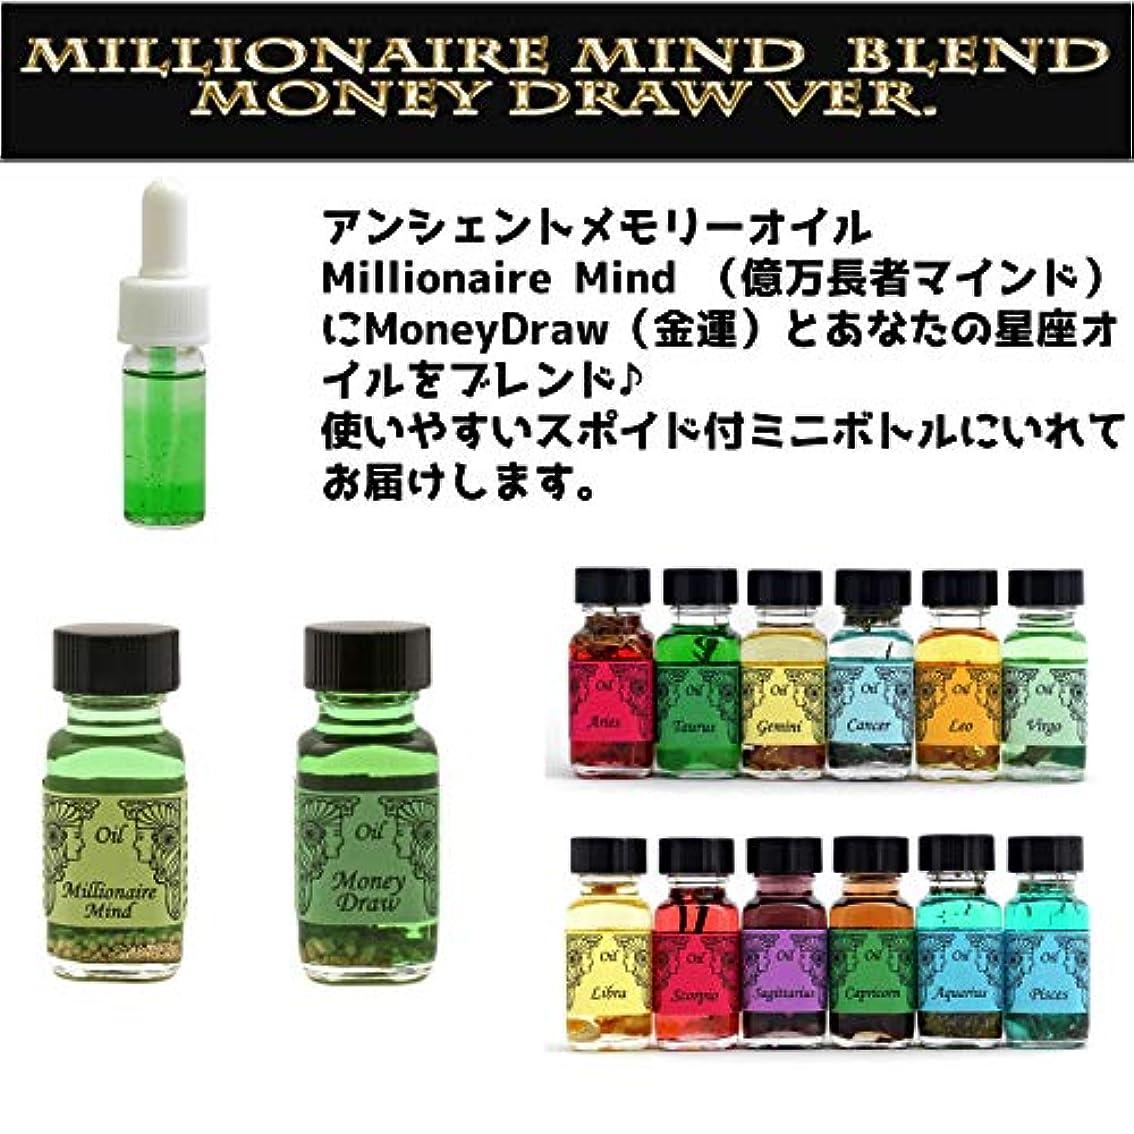 知り合いになる排泄するキャンドルアンシェントメモリーオイル Millionaire Mind 億万長者マインド ブレンド(Money Drawマネードロー(金運)&しし座